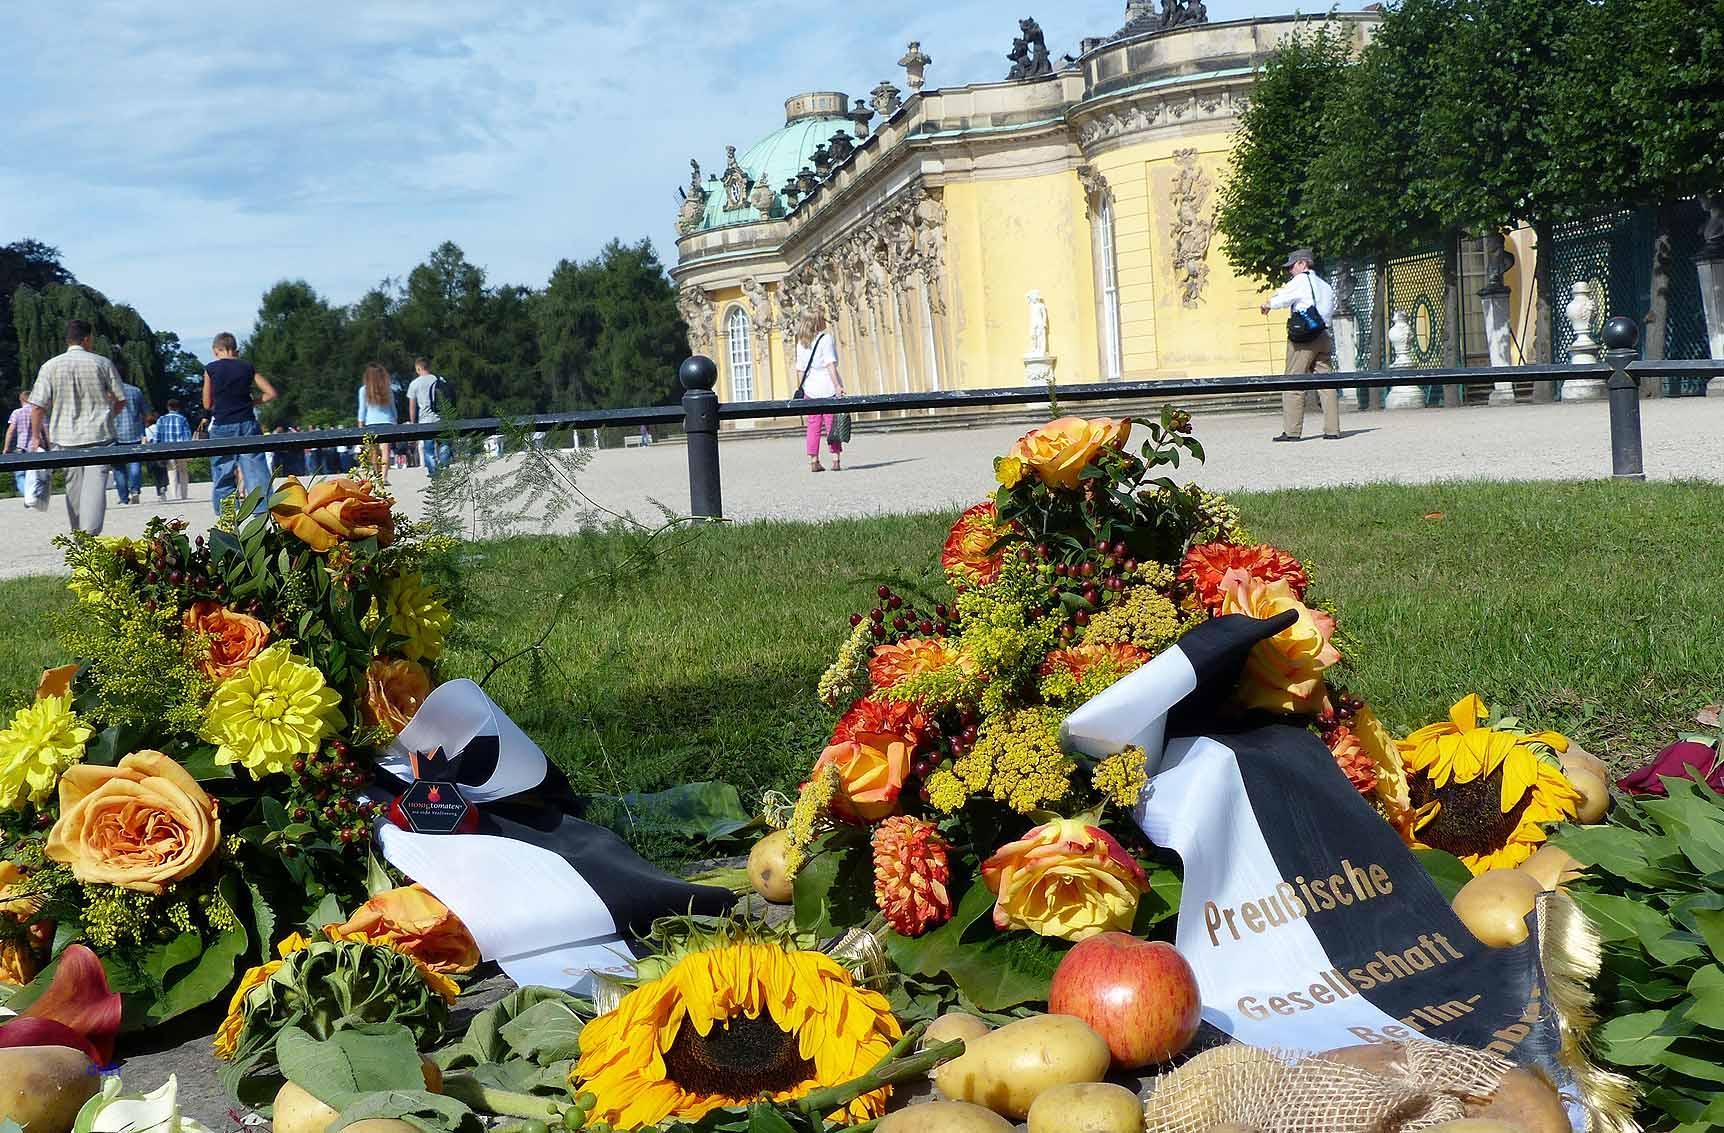 Friedrichs Grab am Schloss Sanssouci in Potsdam, Foto: D. Weirauch